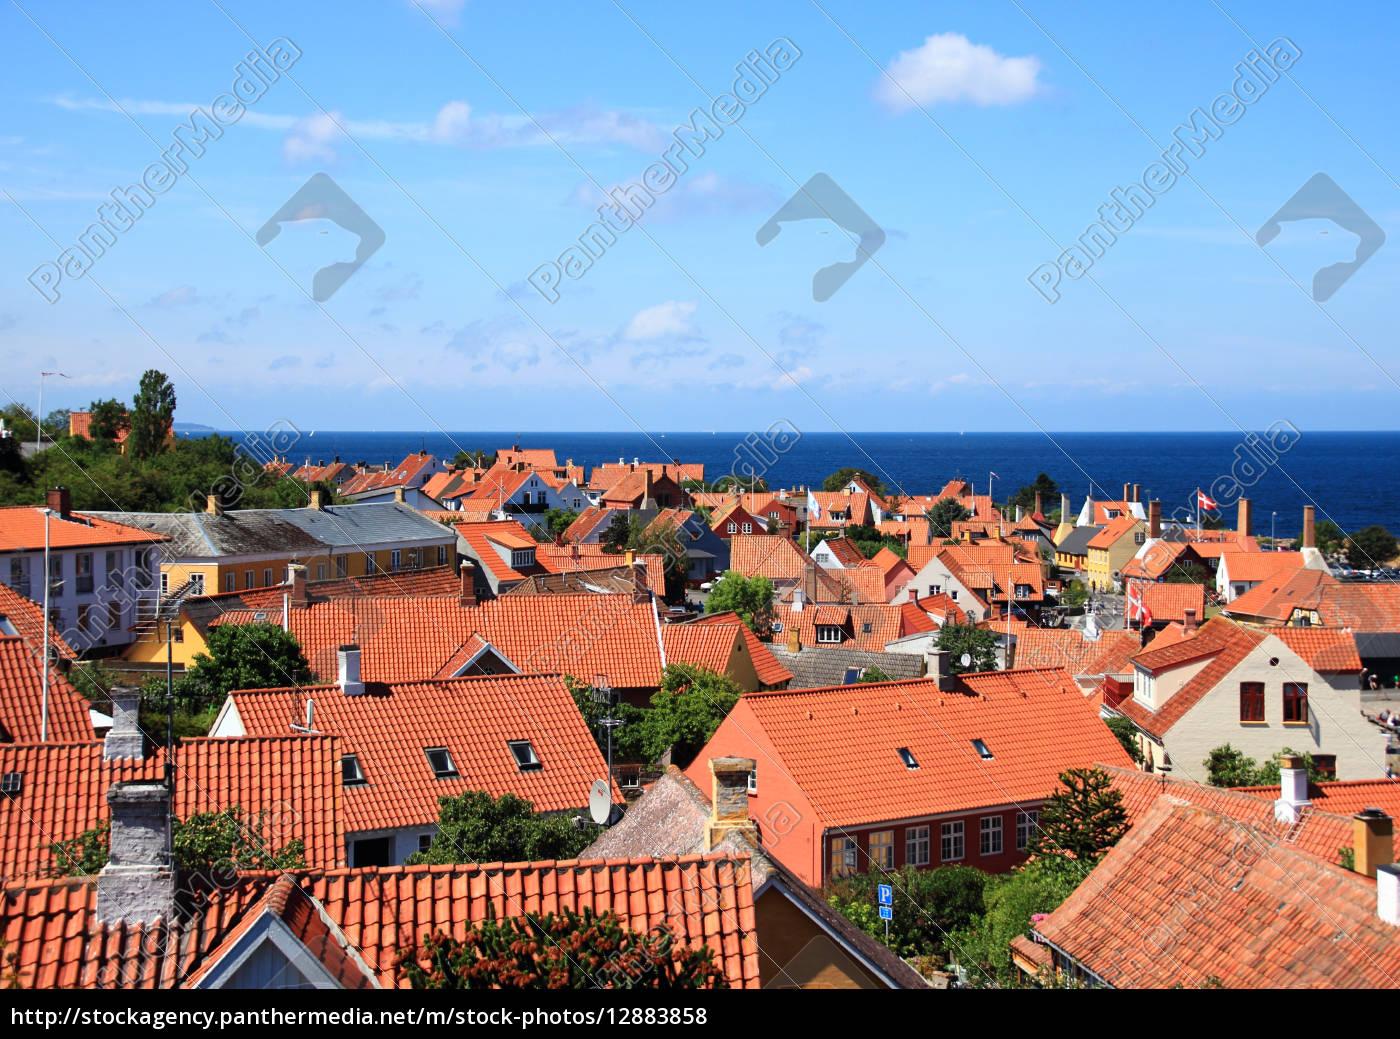 rote, dächer, und, ozean, in, gudhjem - 12883858